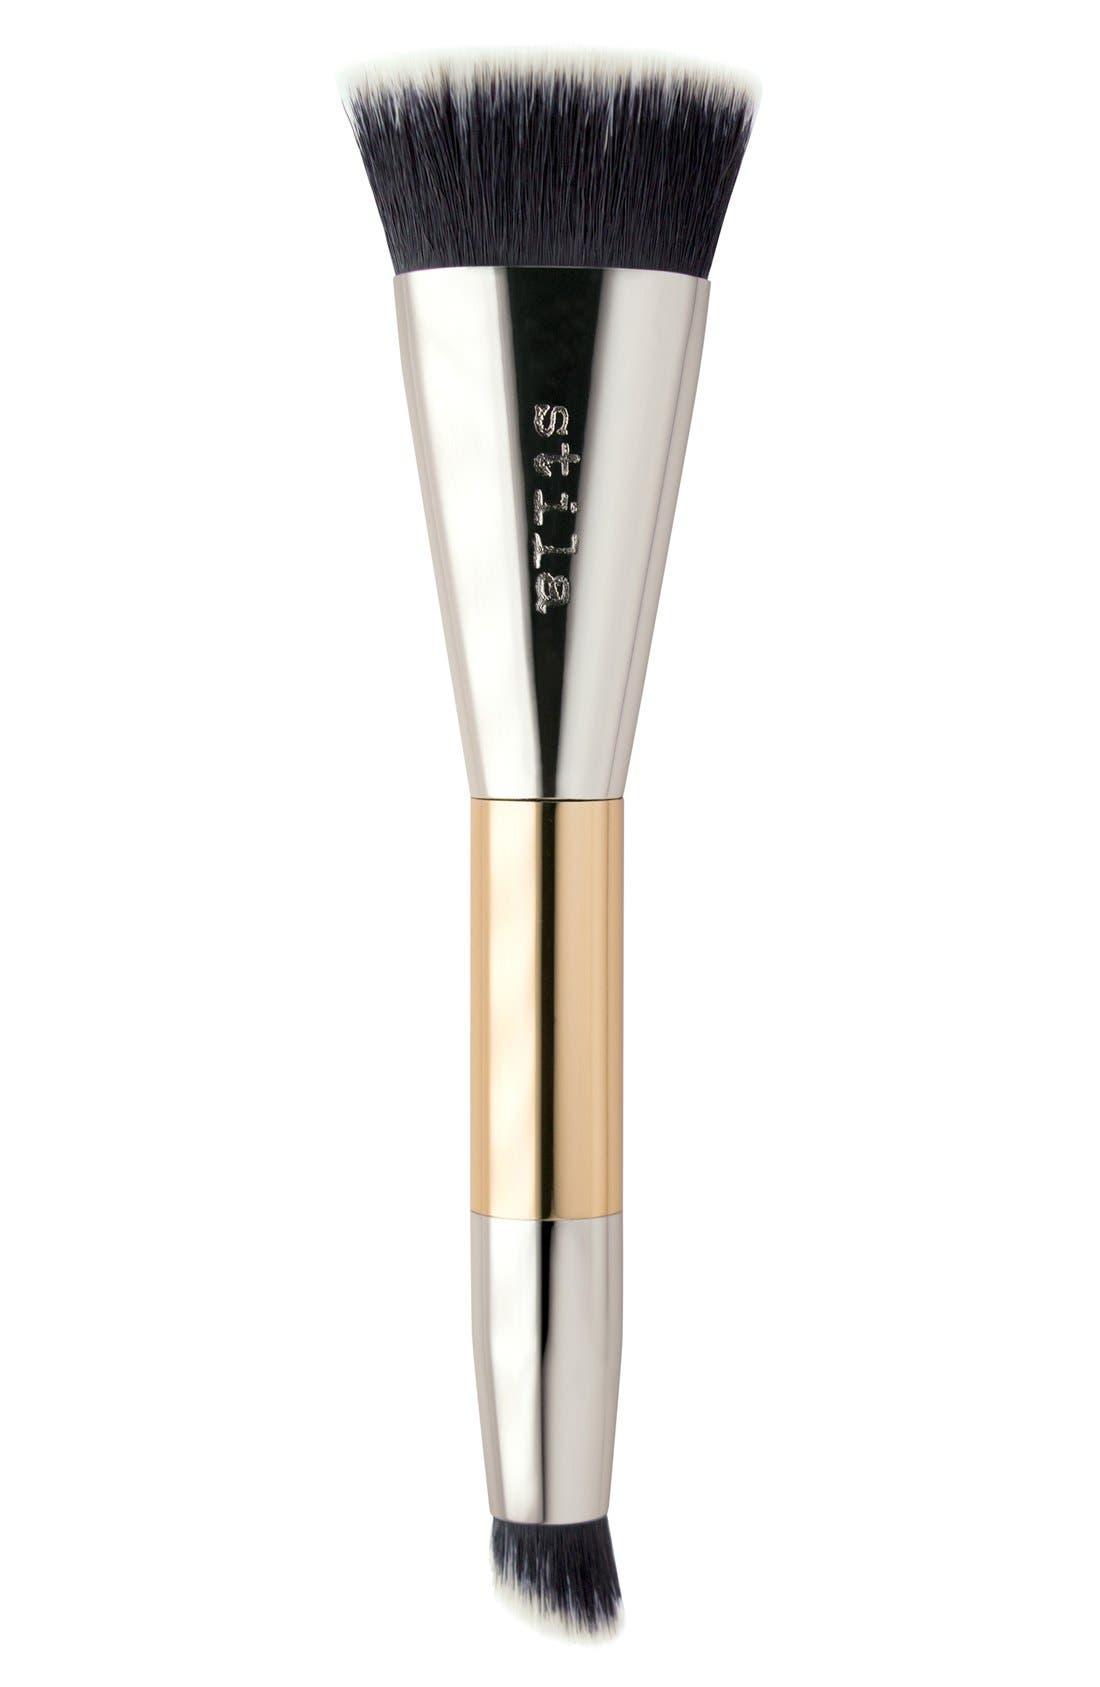 stila'shape & shade' custom contour brush